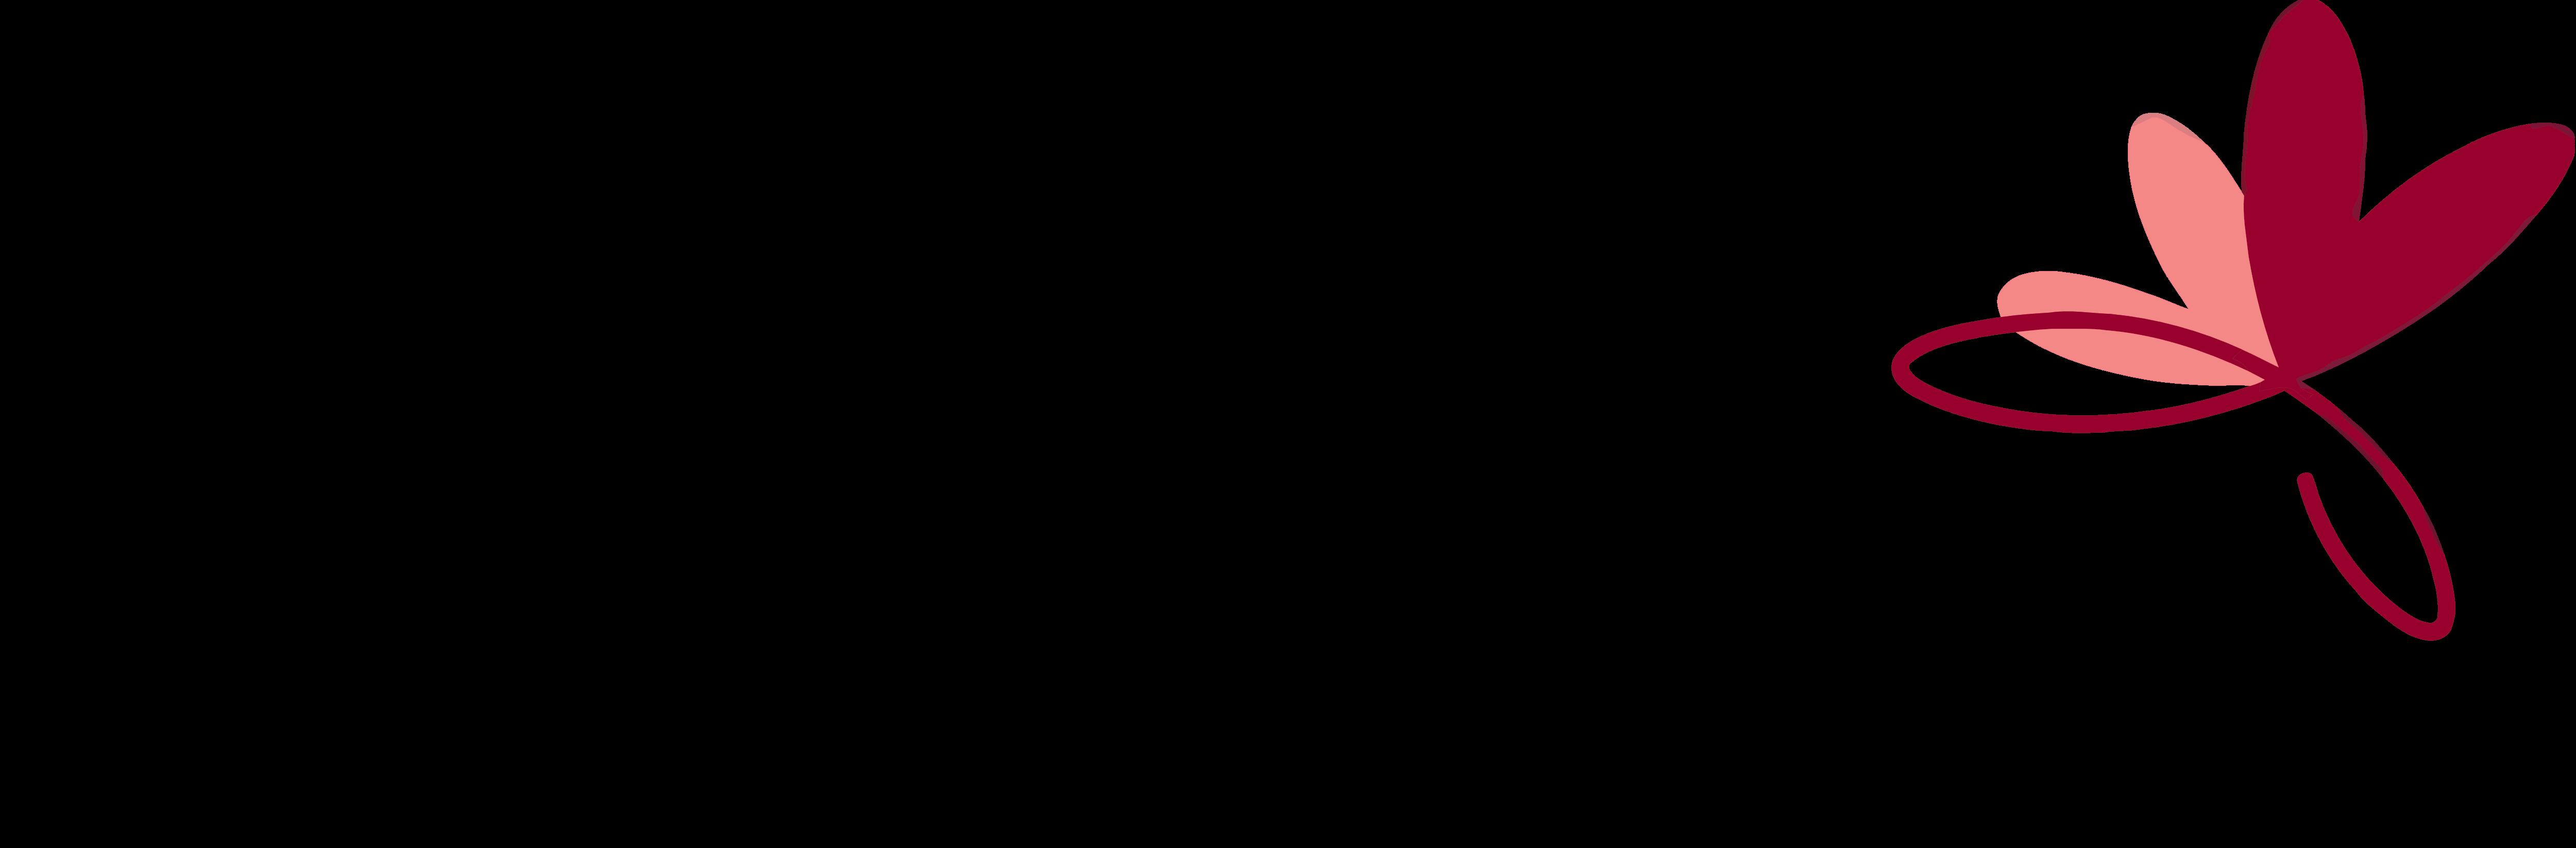 mac makeup logo png - photo #42